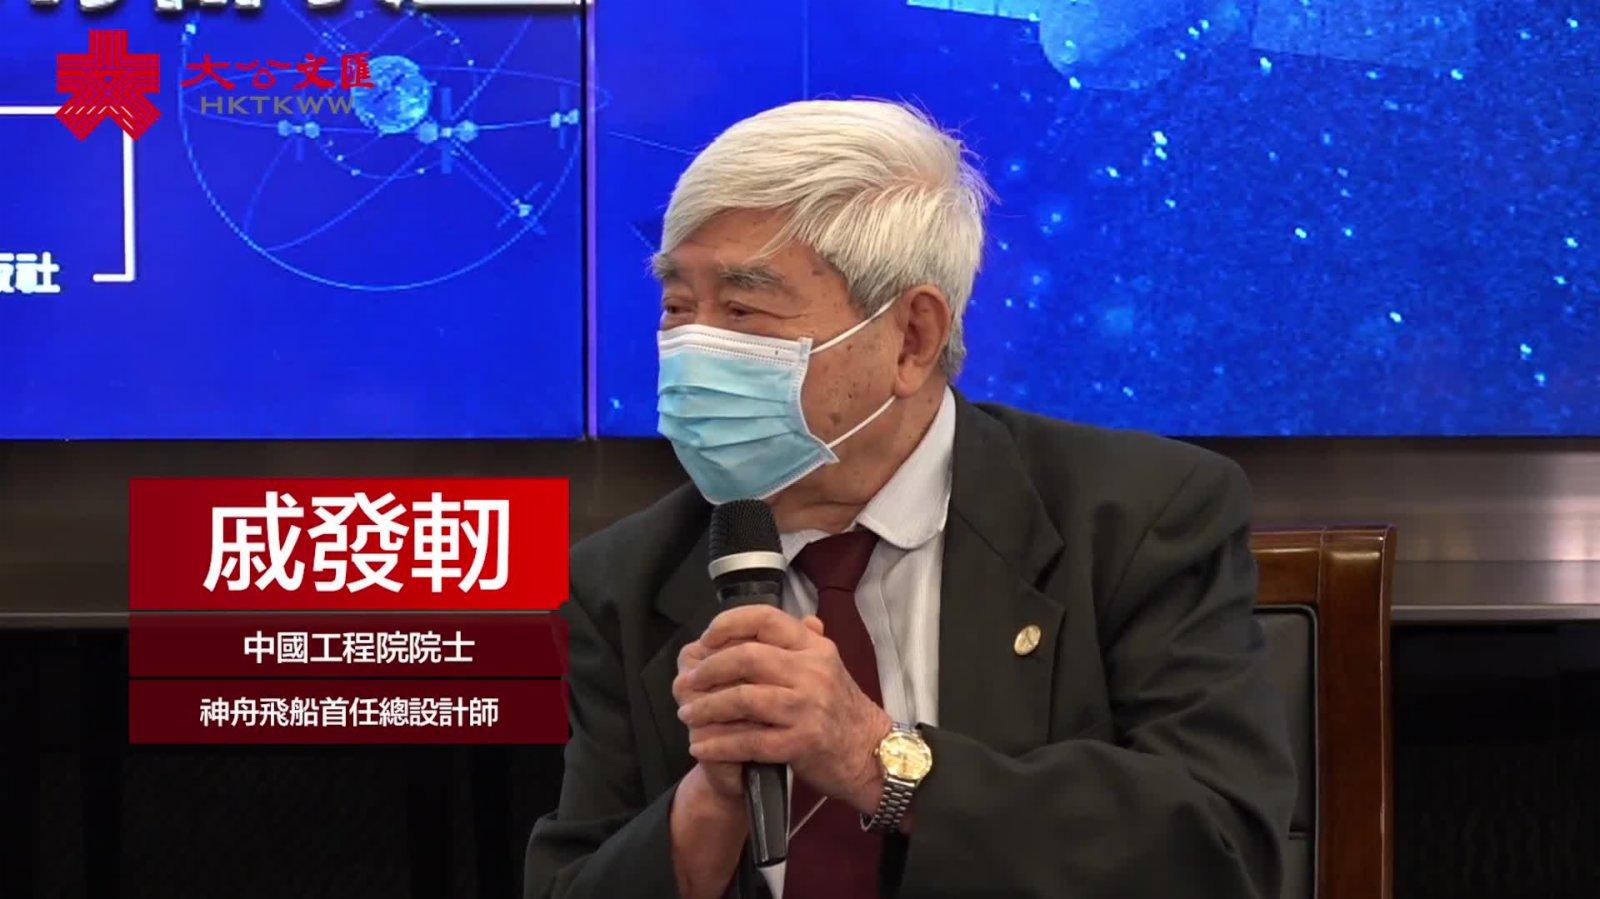 航天團訪港|戚發軔:實現中國的航天夢想需要靠年輕人